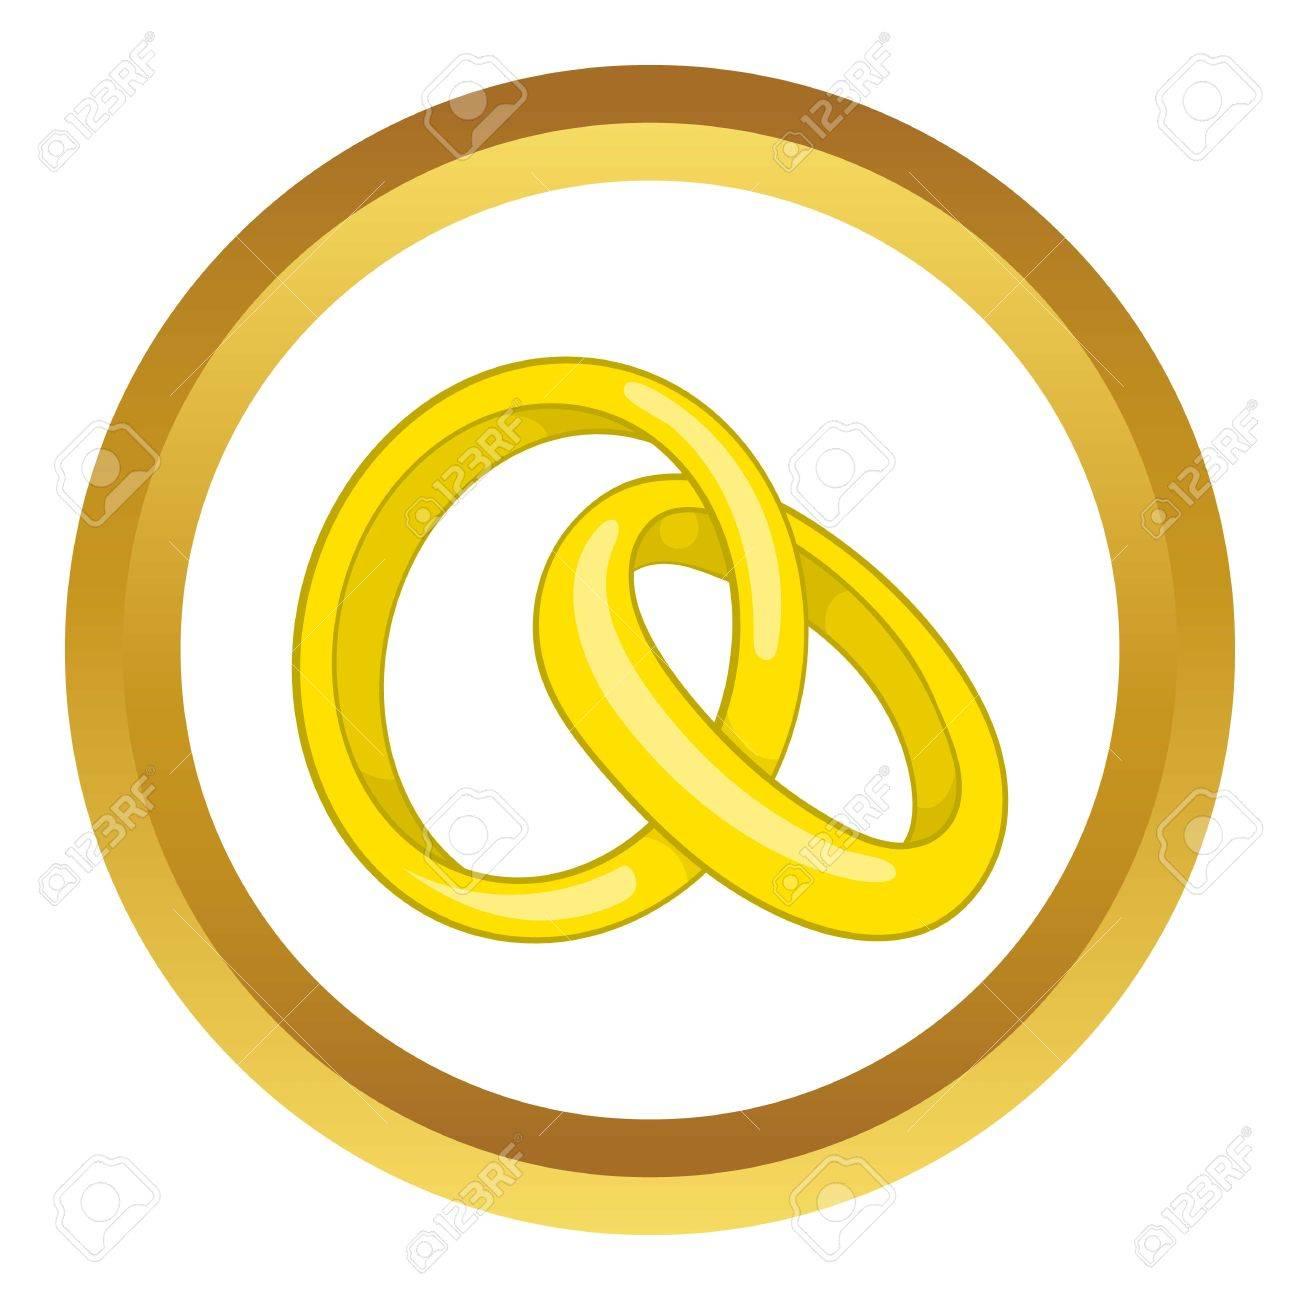 Anillos De Compromiso Del Icono Del Vector En El Círculo De Oro